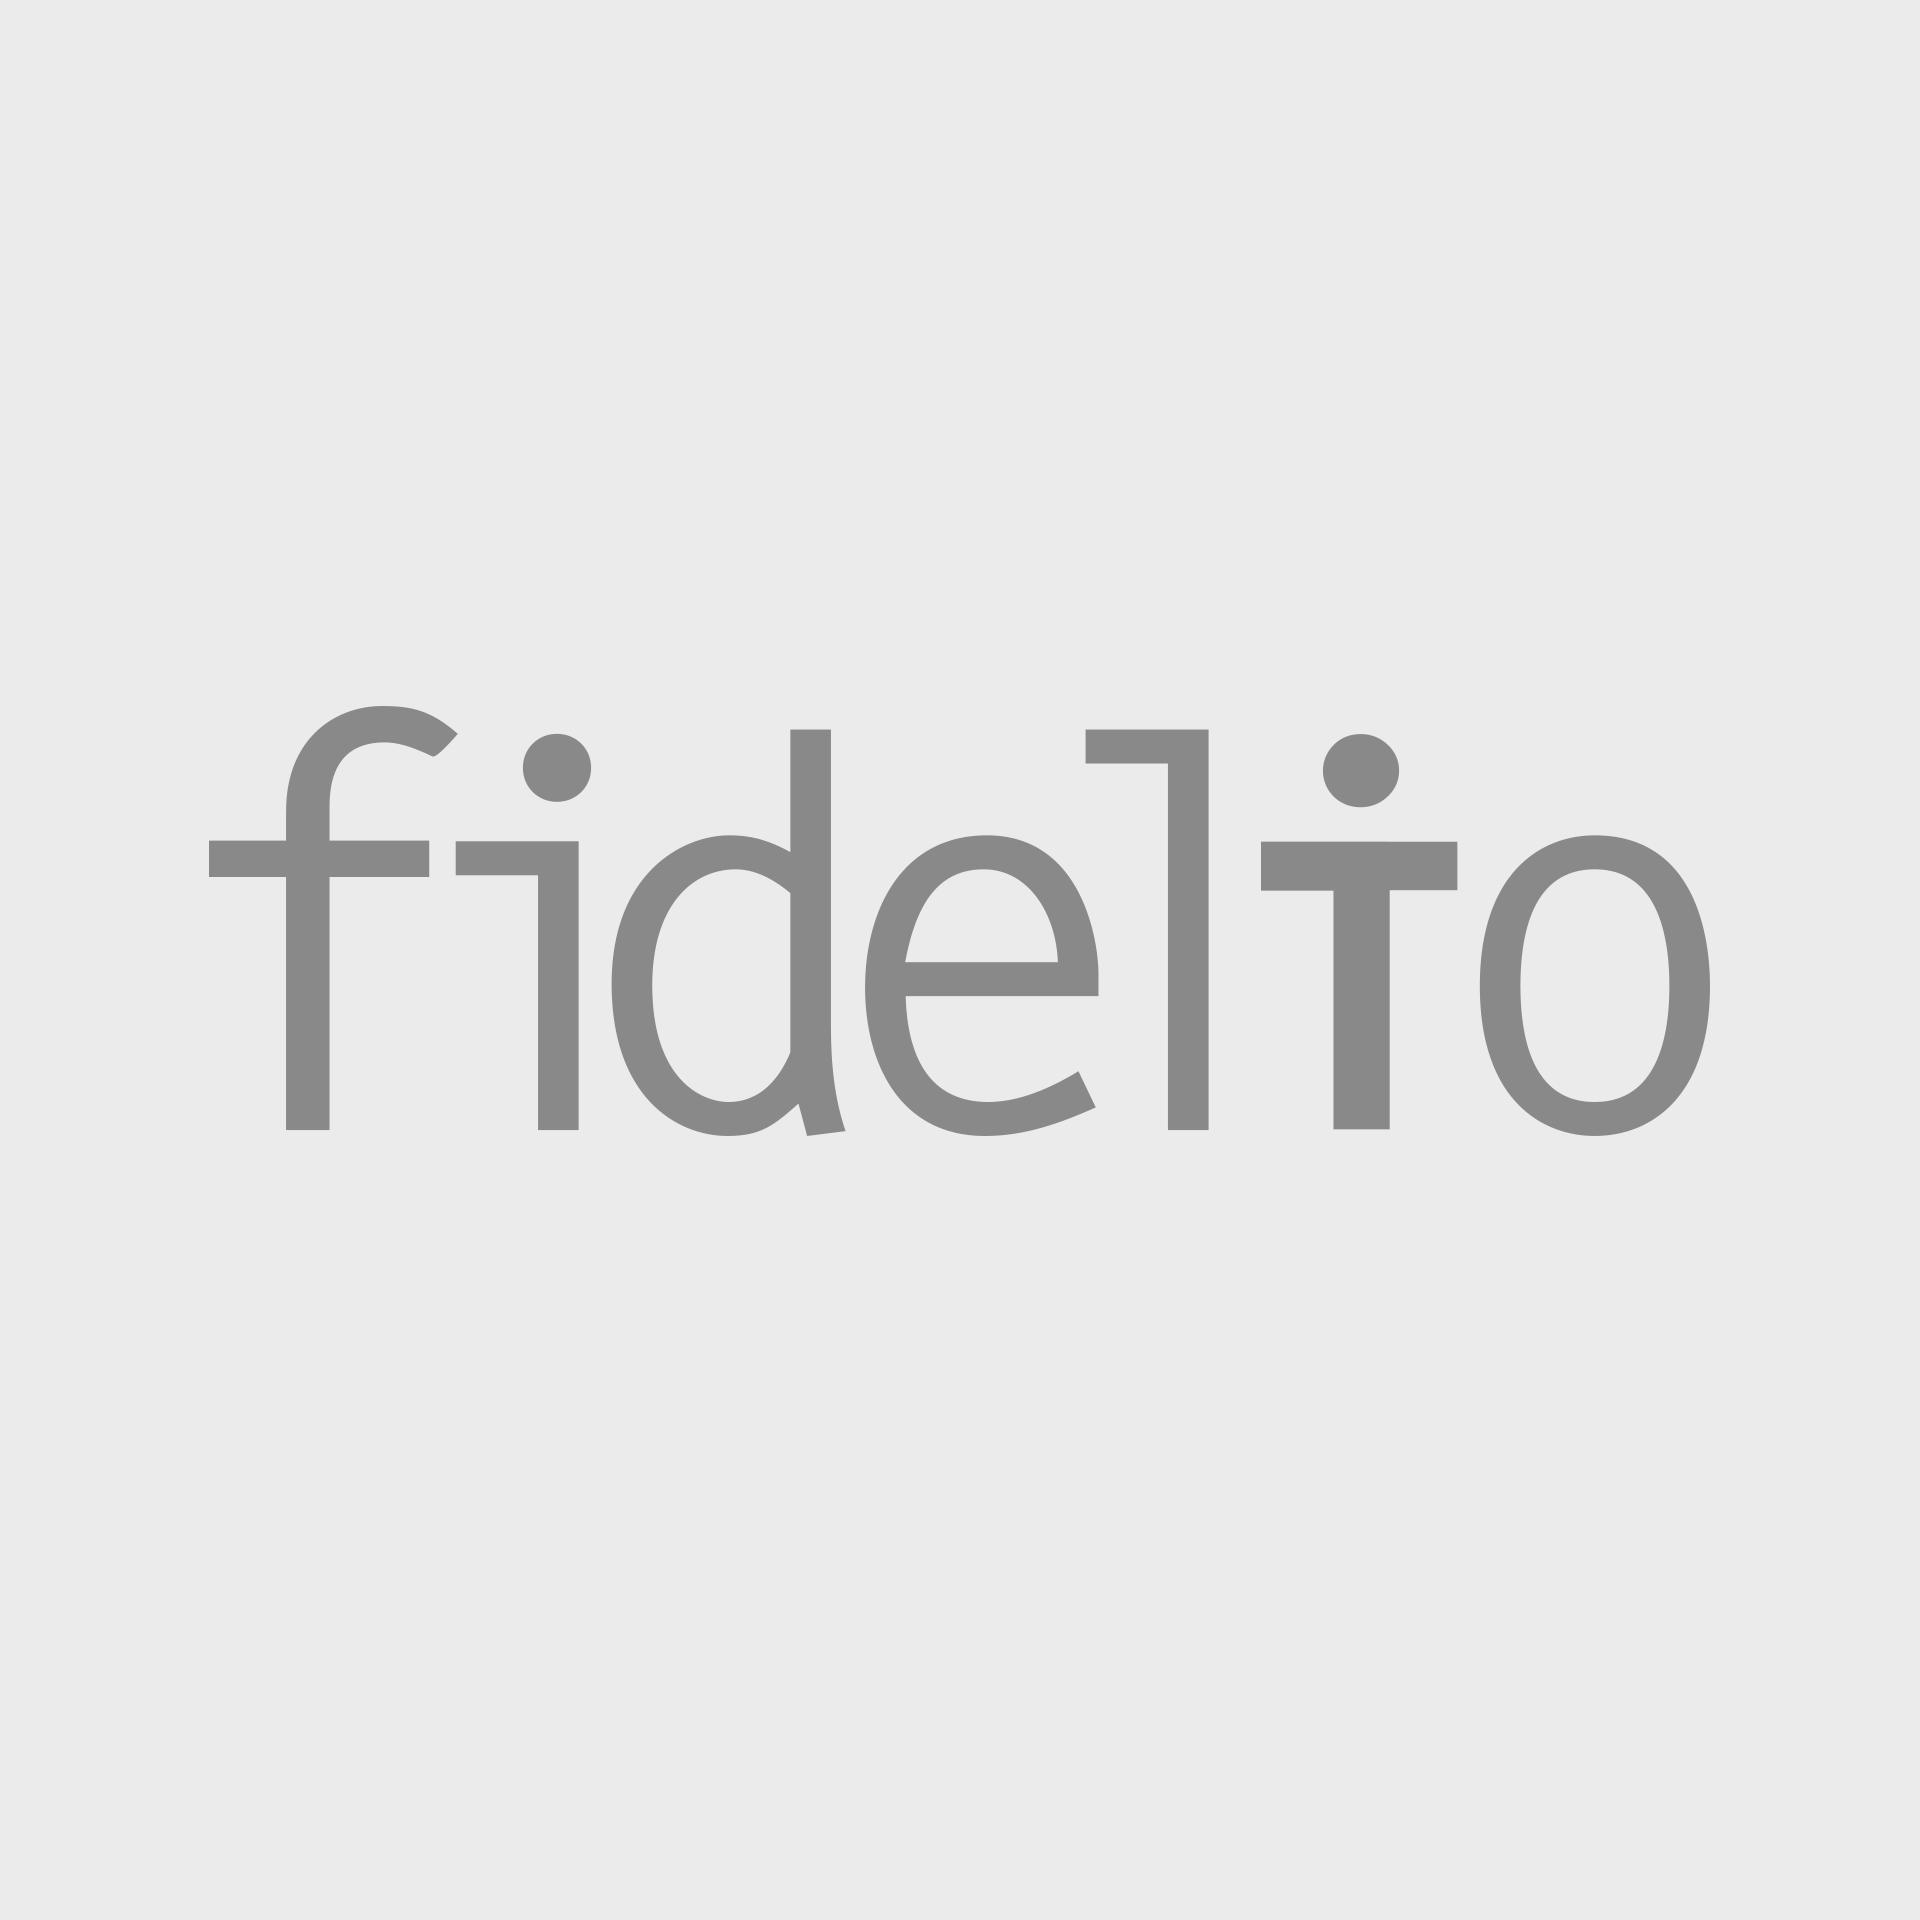 Andorka_Peter_gitaros_portre-105509.jpg